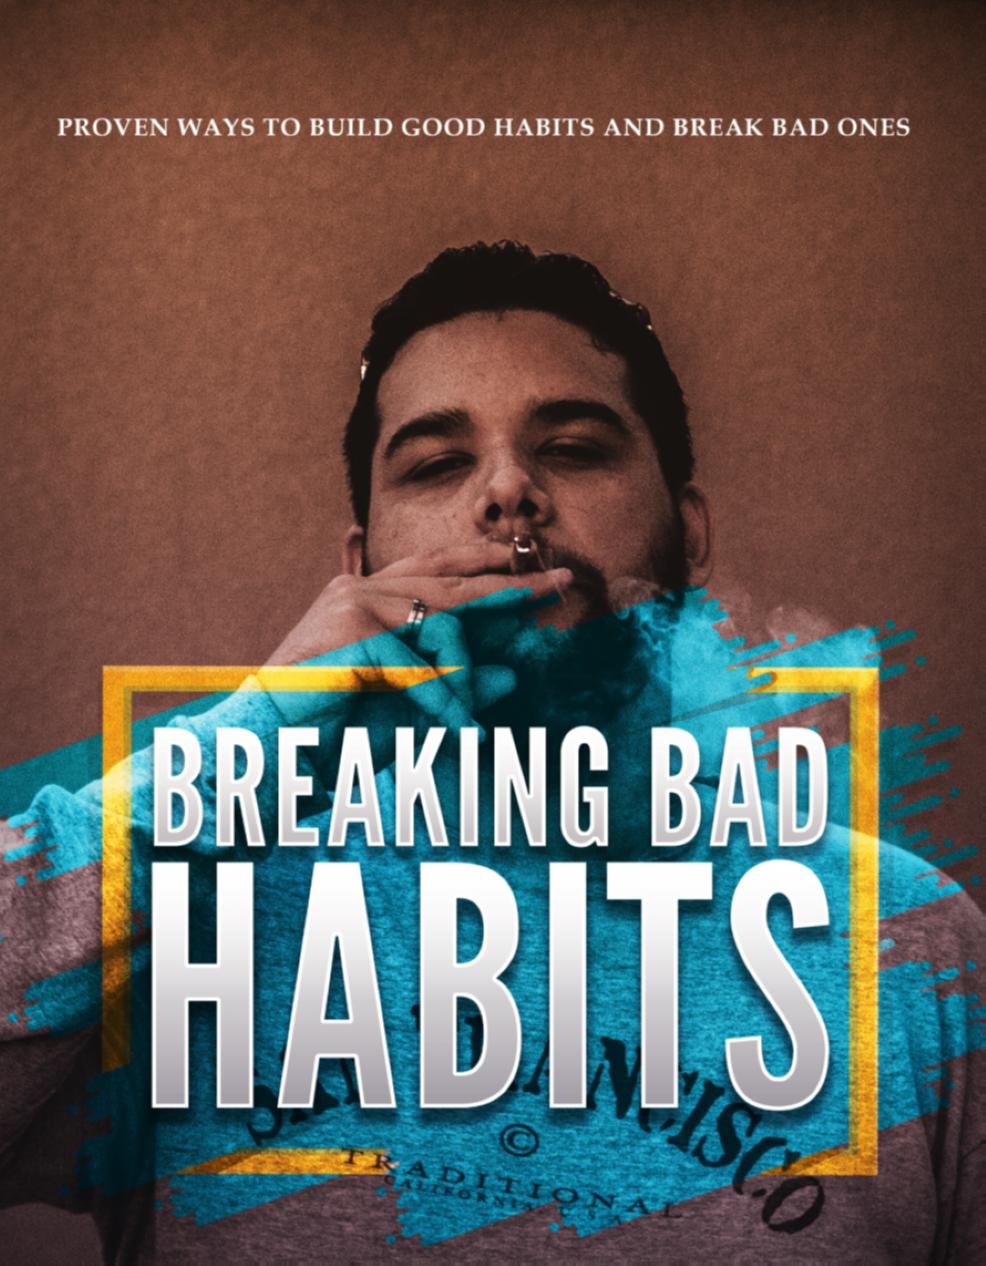 Breaking Bad Habits Video Upgrade